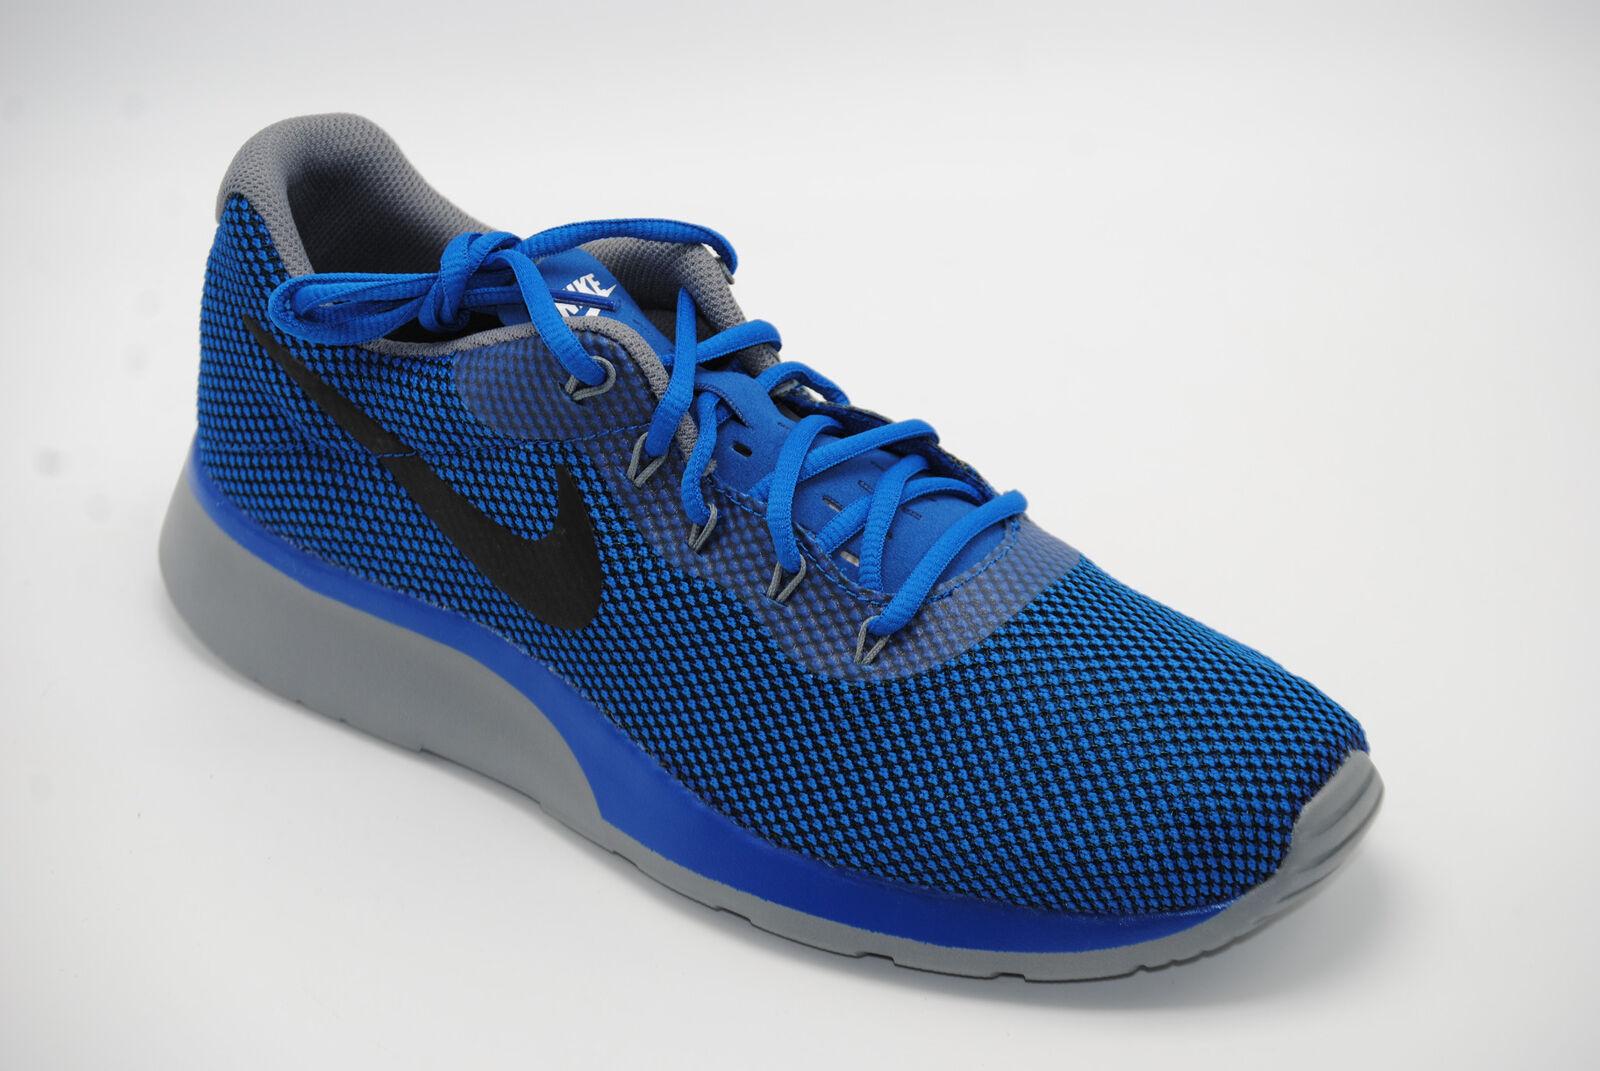 Nike scarpe tanjun racer uomini scarpe Nike 921669 401 molteplici dimensioni 1912f5